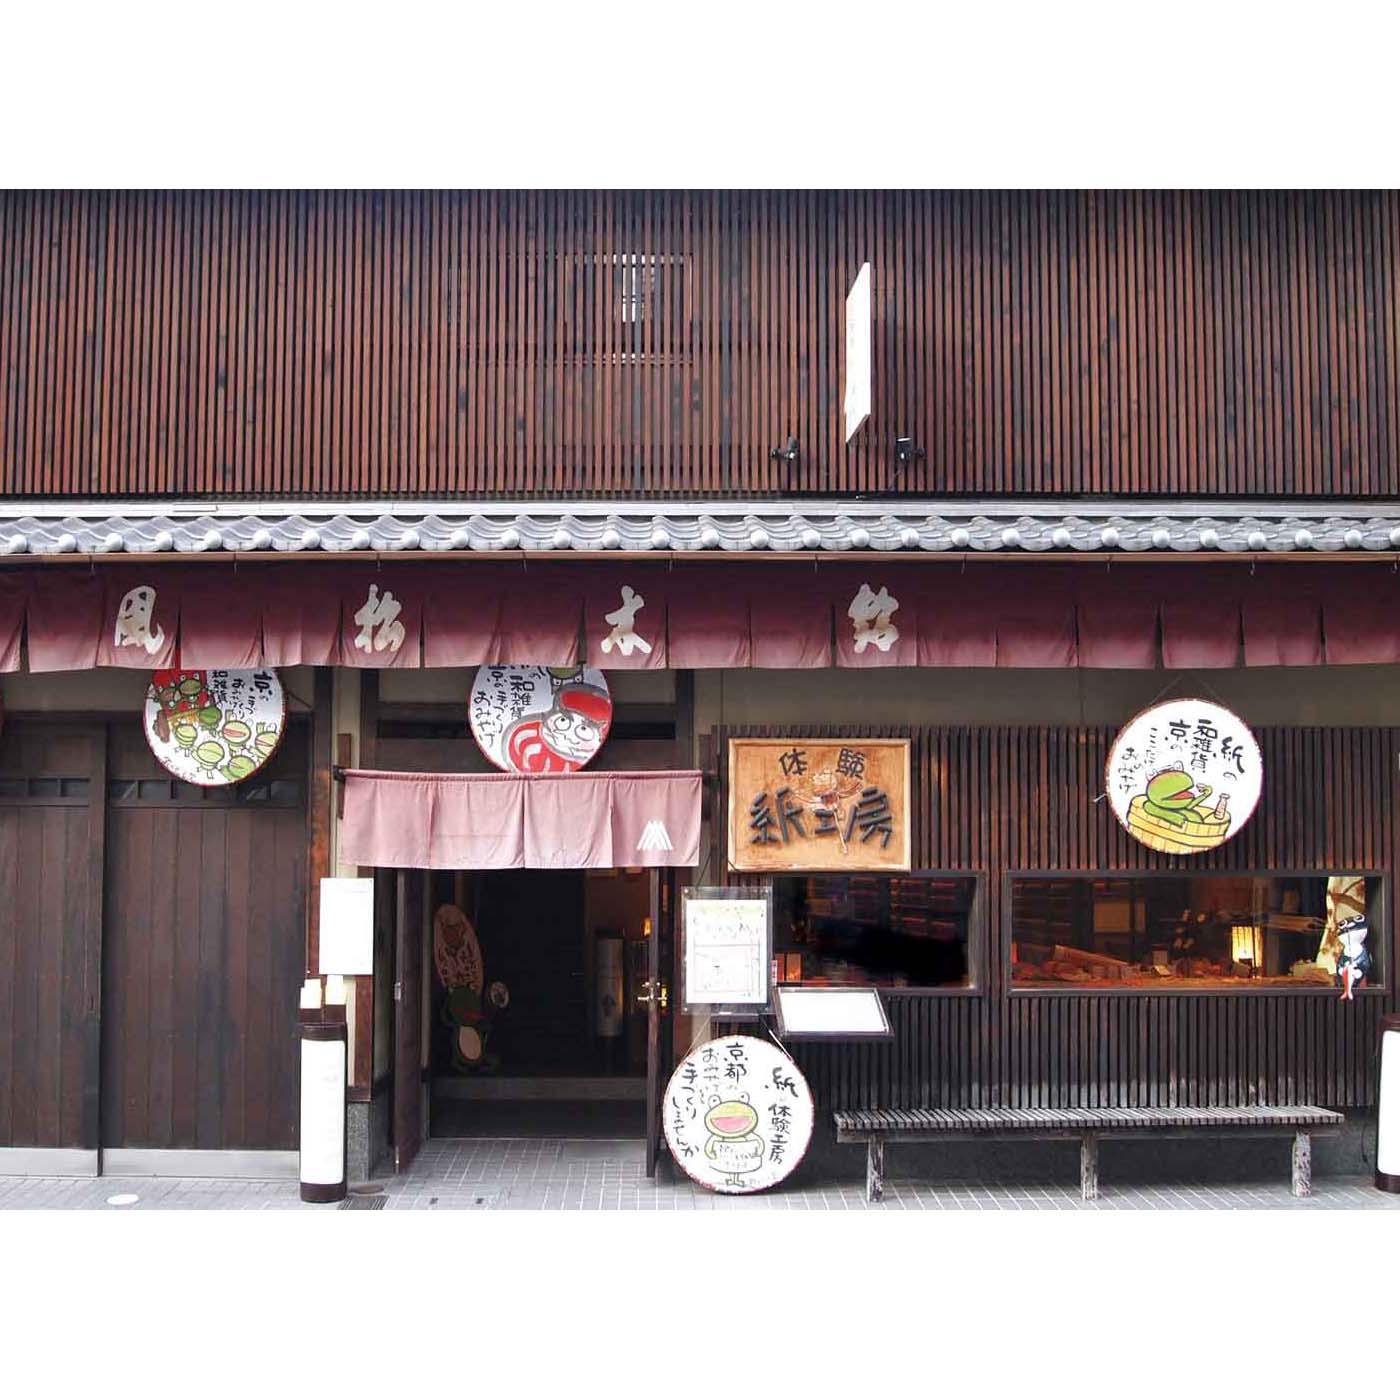 【鈴木松風堂 さん】明治26年、紙器メーカーとして京都で創業し、長らくお菓子のケースなどを主な商品として取り扱う老舗。その技術を活用し、和雑貨の製造も始める。長年培われてきた丁寧でこまやかな手仕事に伝統と京都の感性が息づいています。